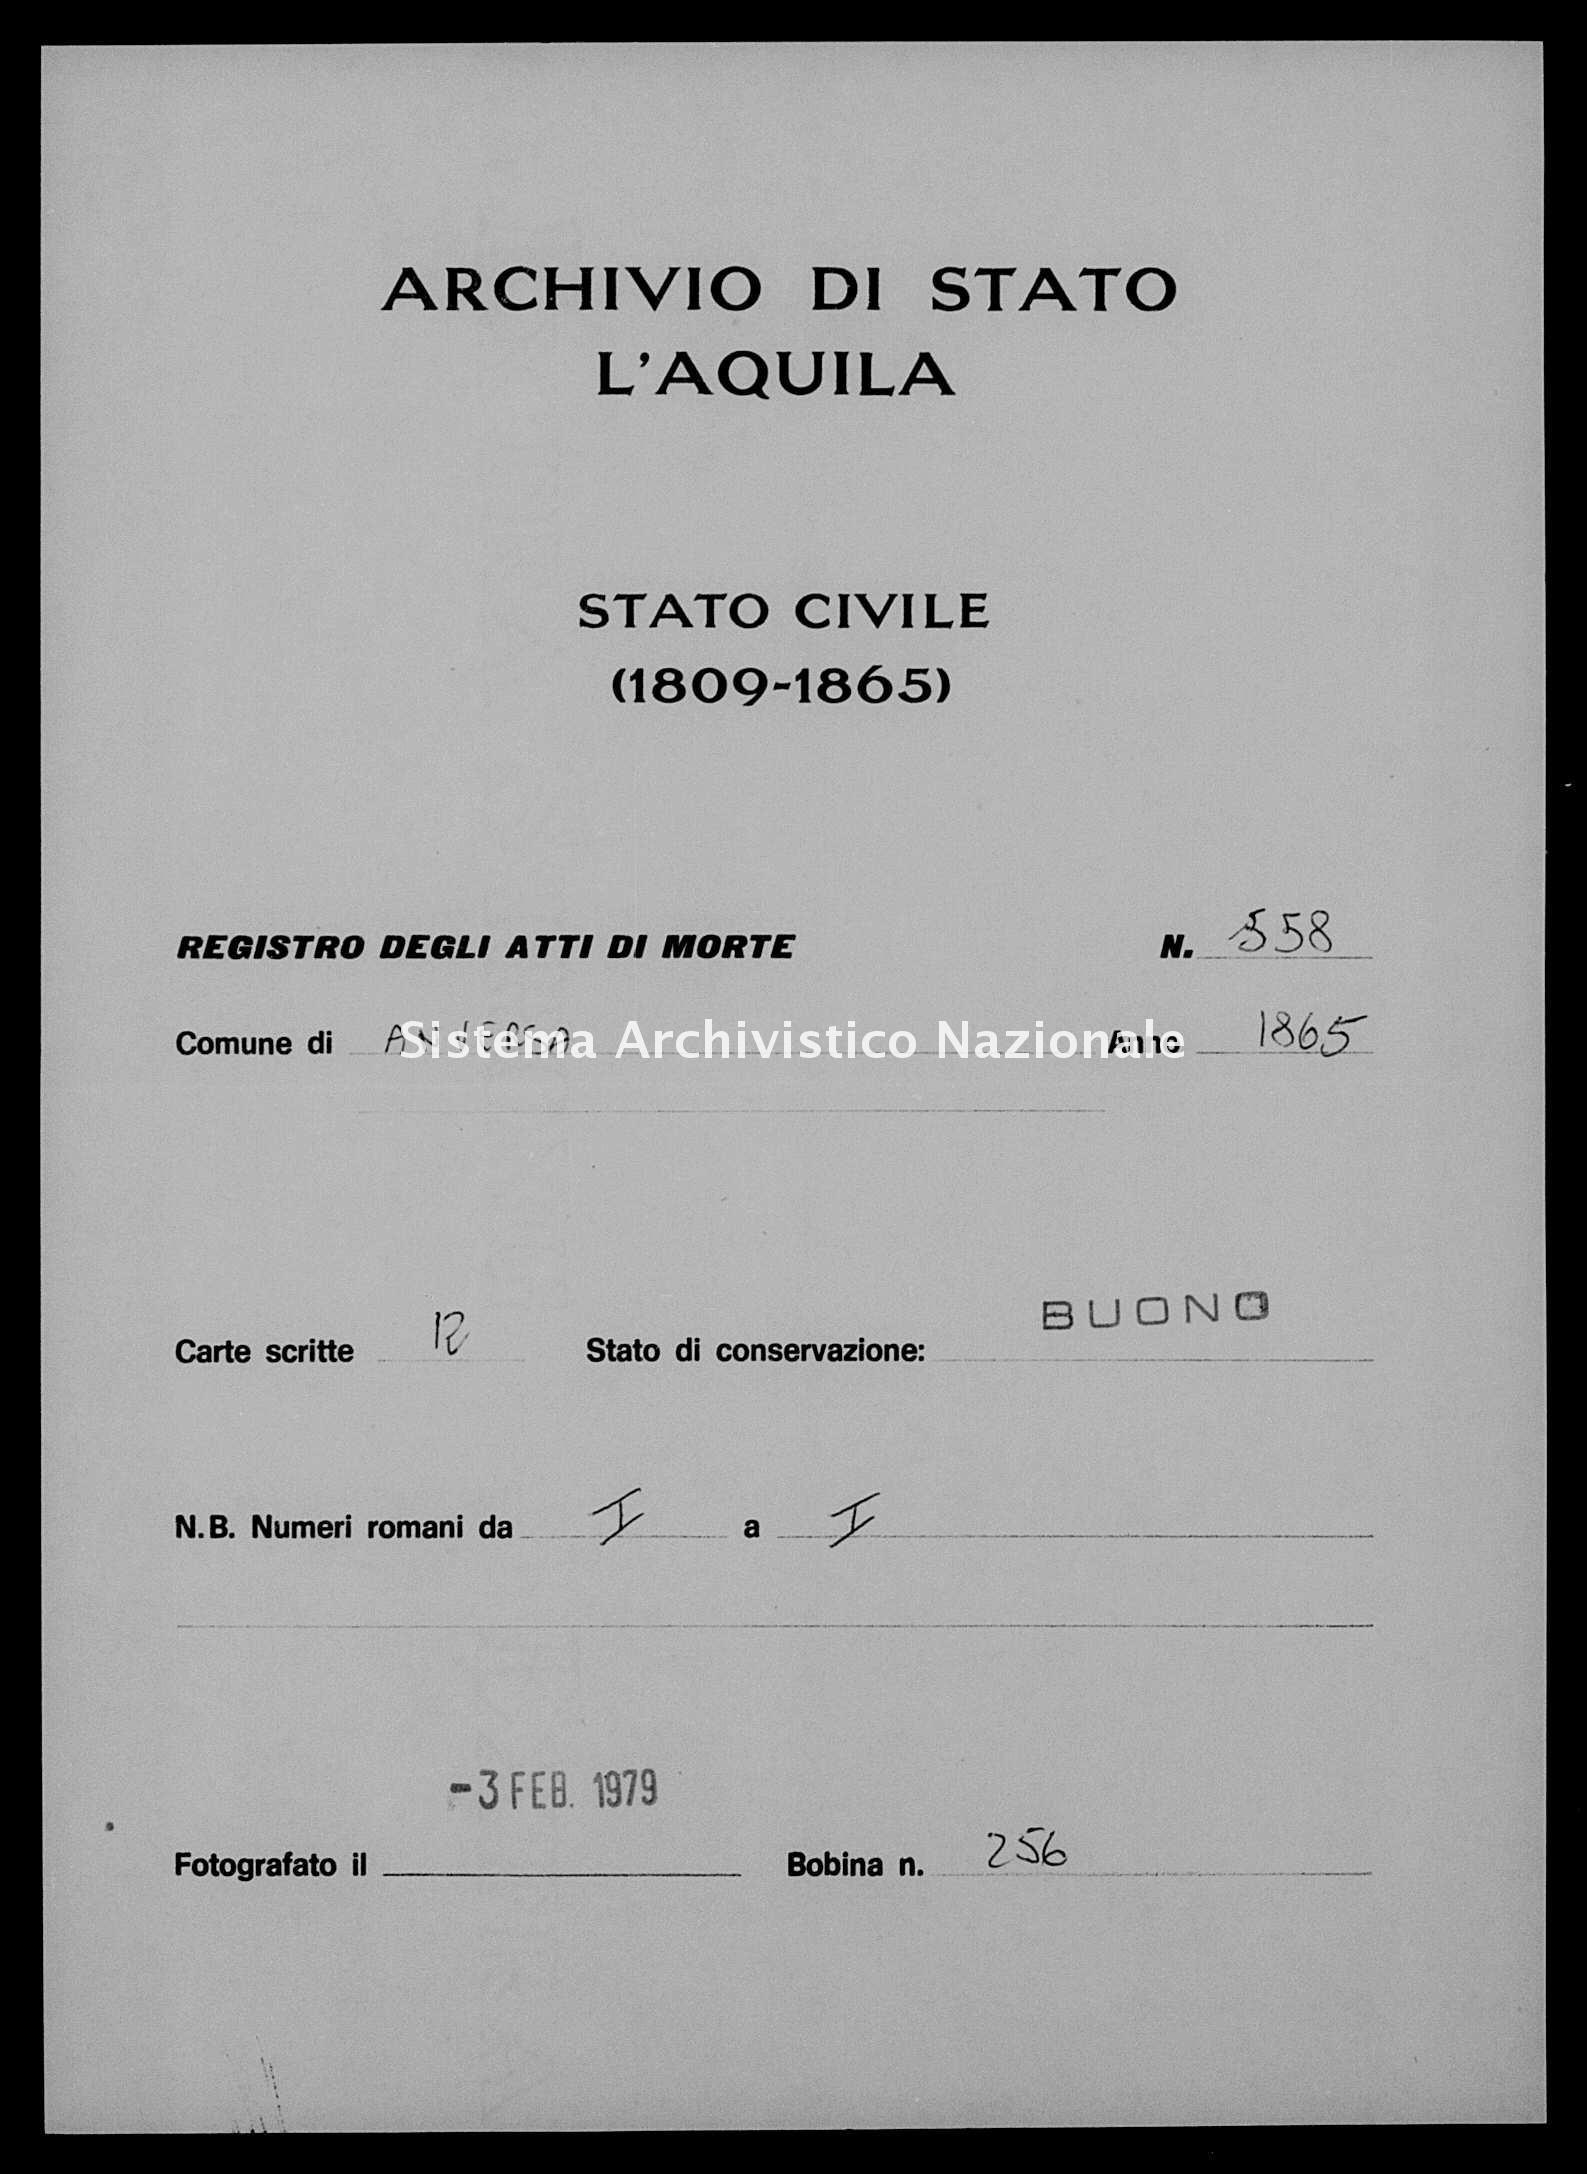 Archivio di stato di L'aquila - Stato civile italiano - Anversa degli Abruzzi - Morti - 1865 - 558 -